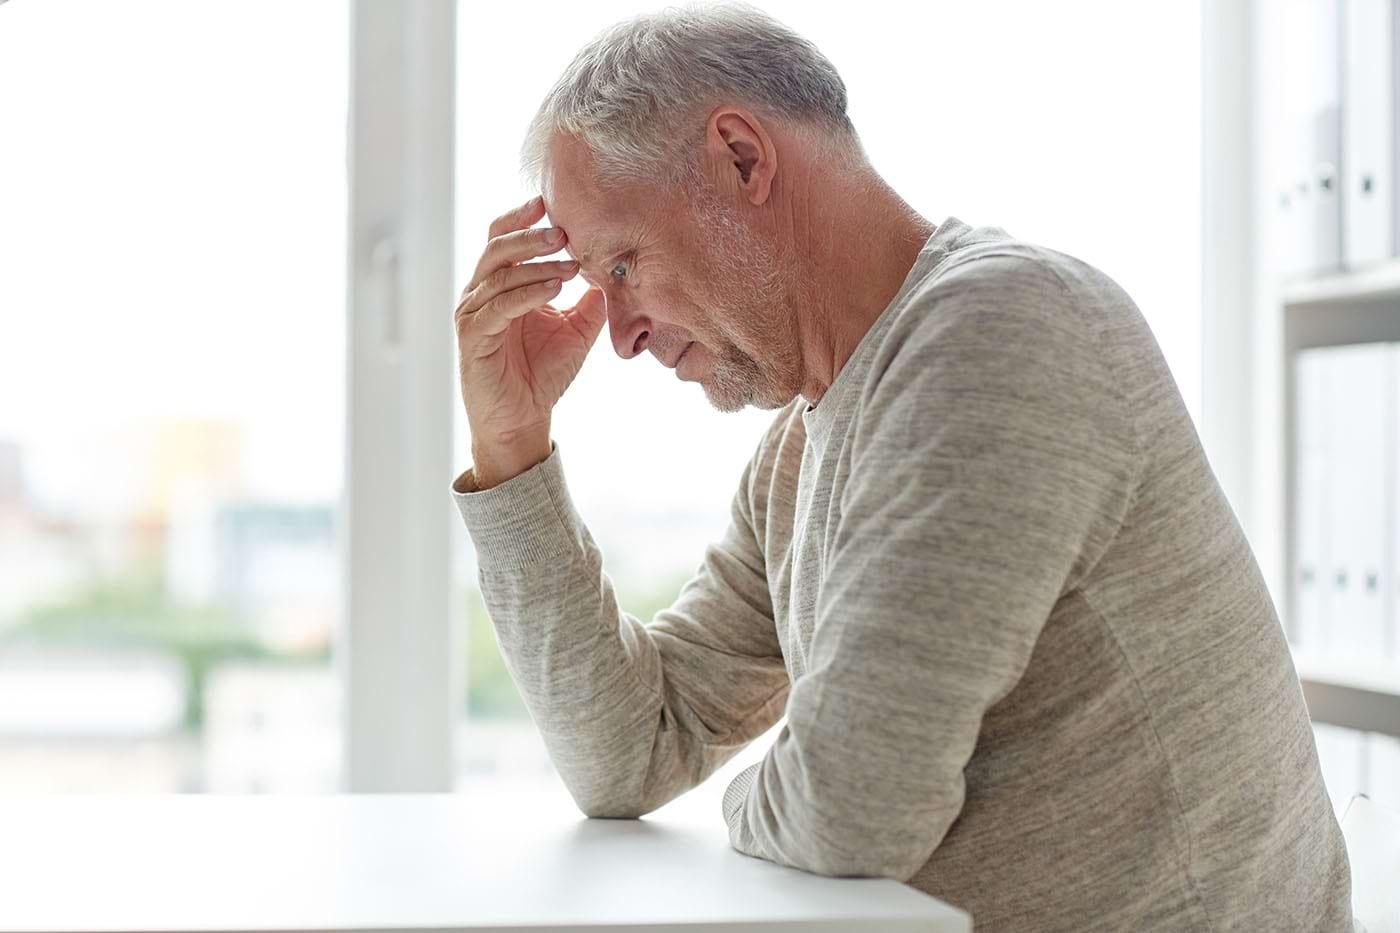 Epuizarea vitală poate duce la infarct în cazul bărbaților [studiu]